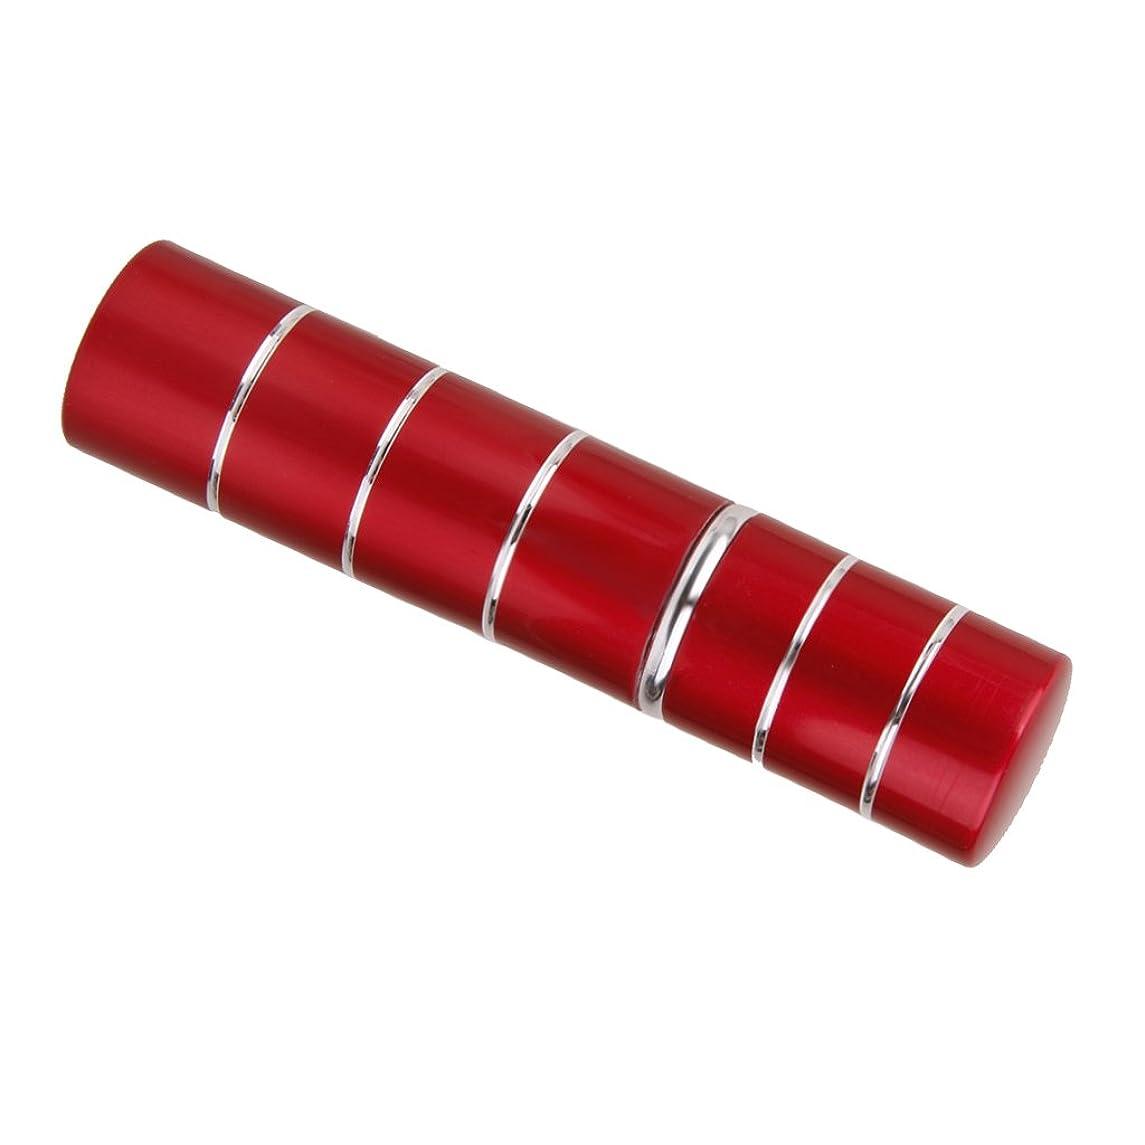 同化する認証結核Dovewill  旅行携帯用 ポータブル 軽量 詰め替え 香水 アトマイザーボトル ポンプ スプレーケース  - レッド